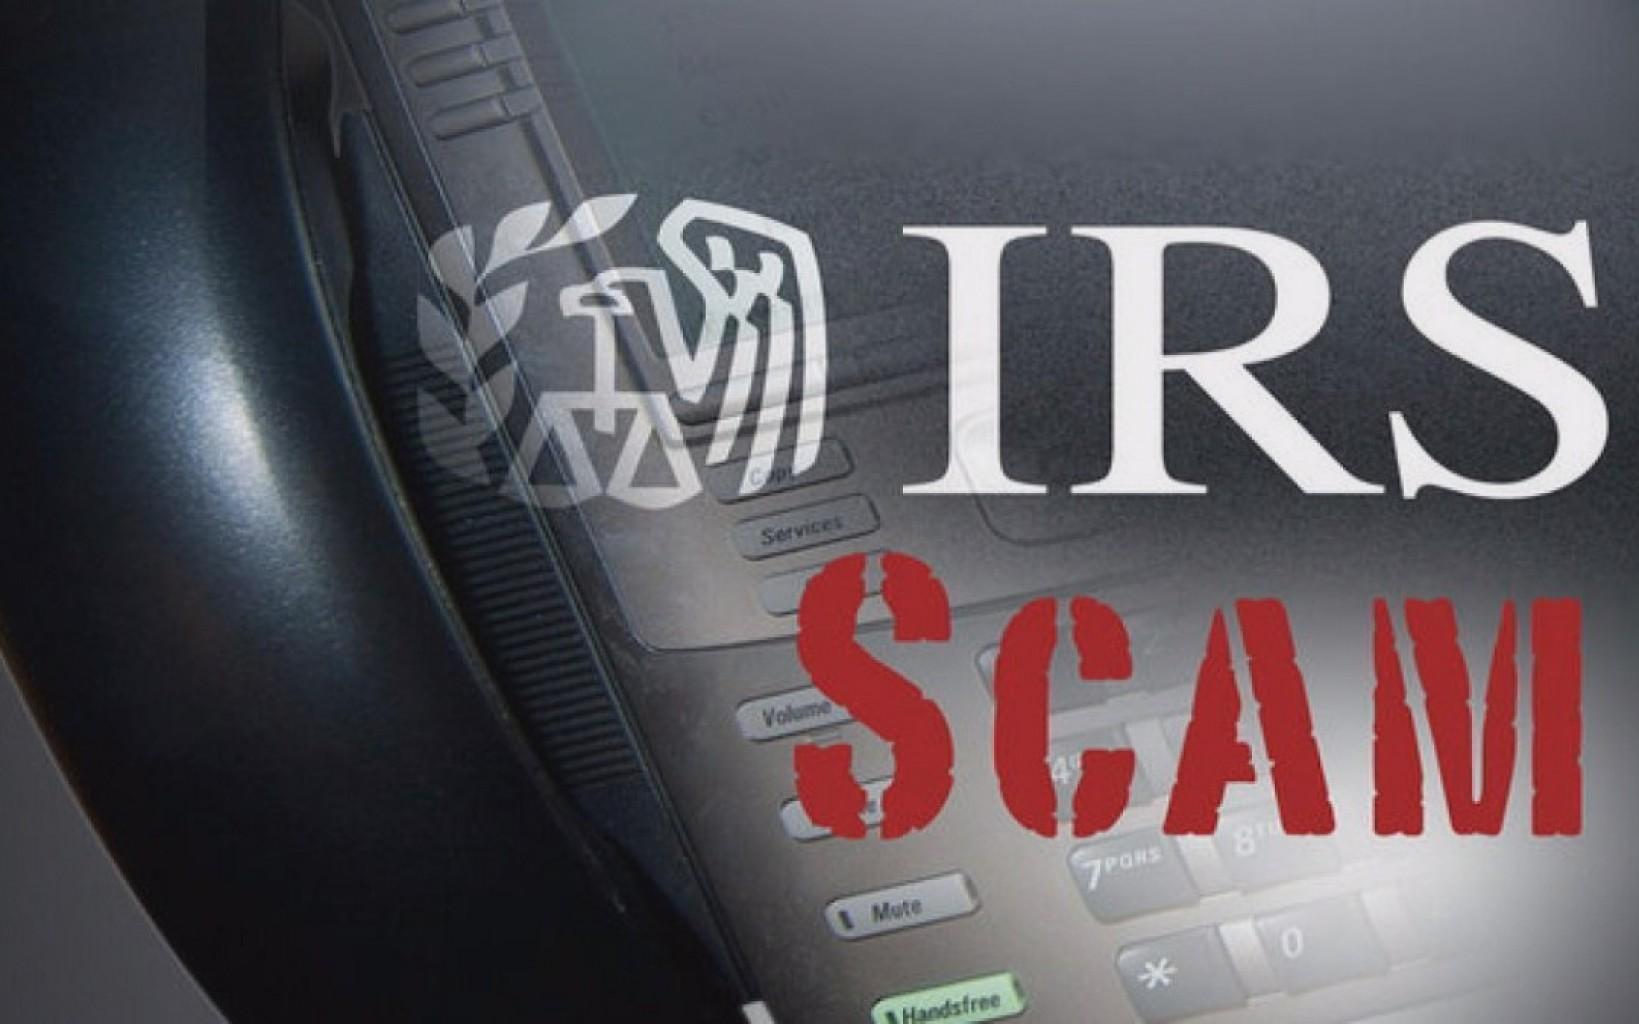 Reporte  a estafadores que dicen ser del IRS